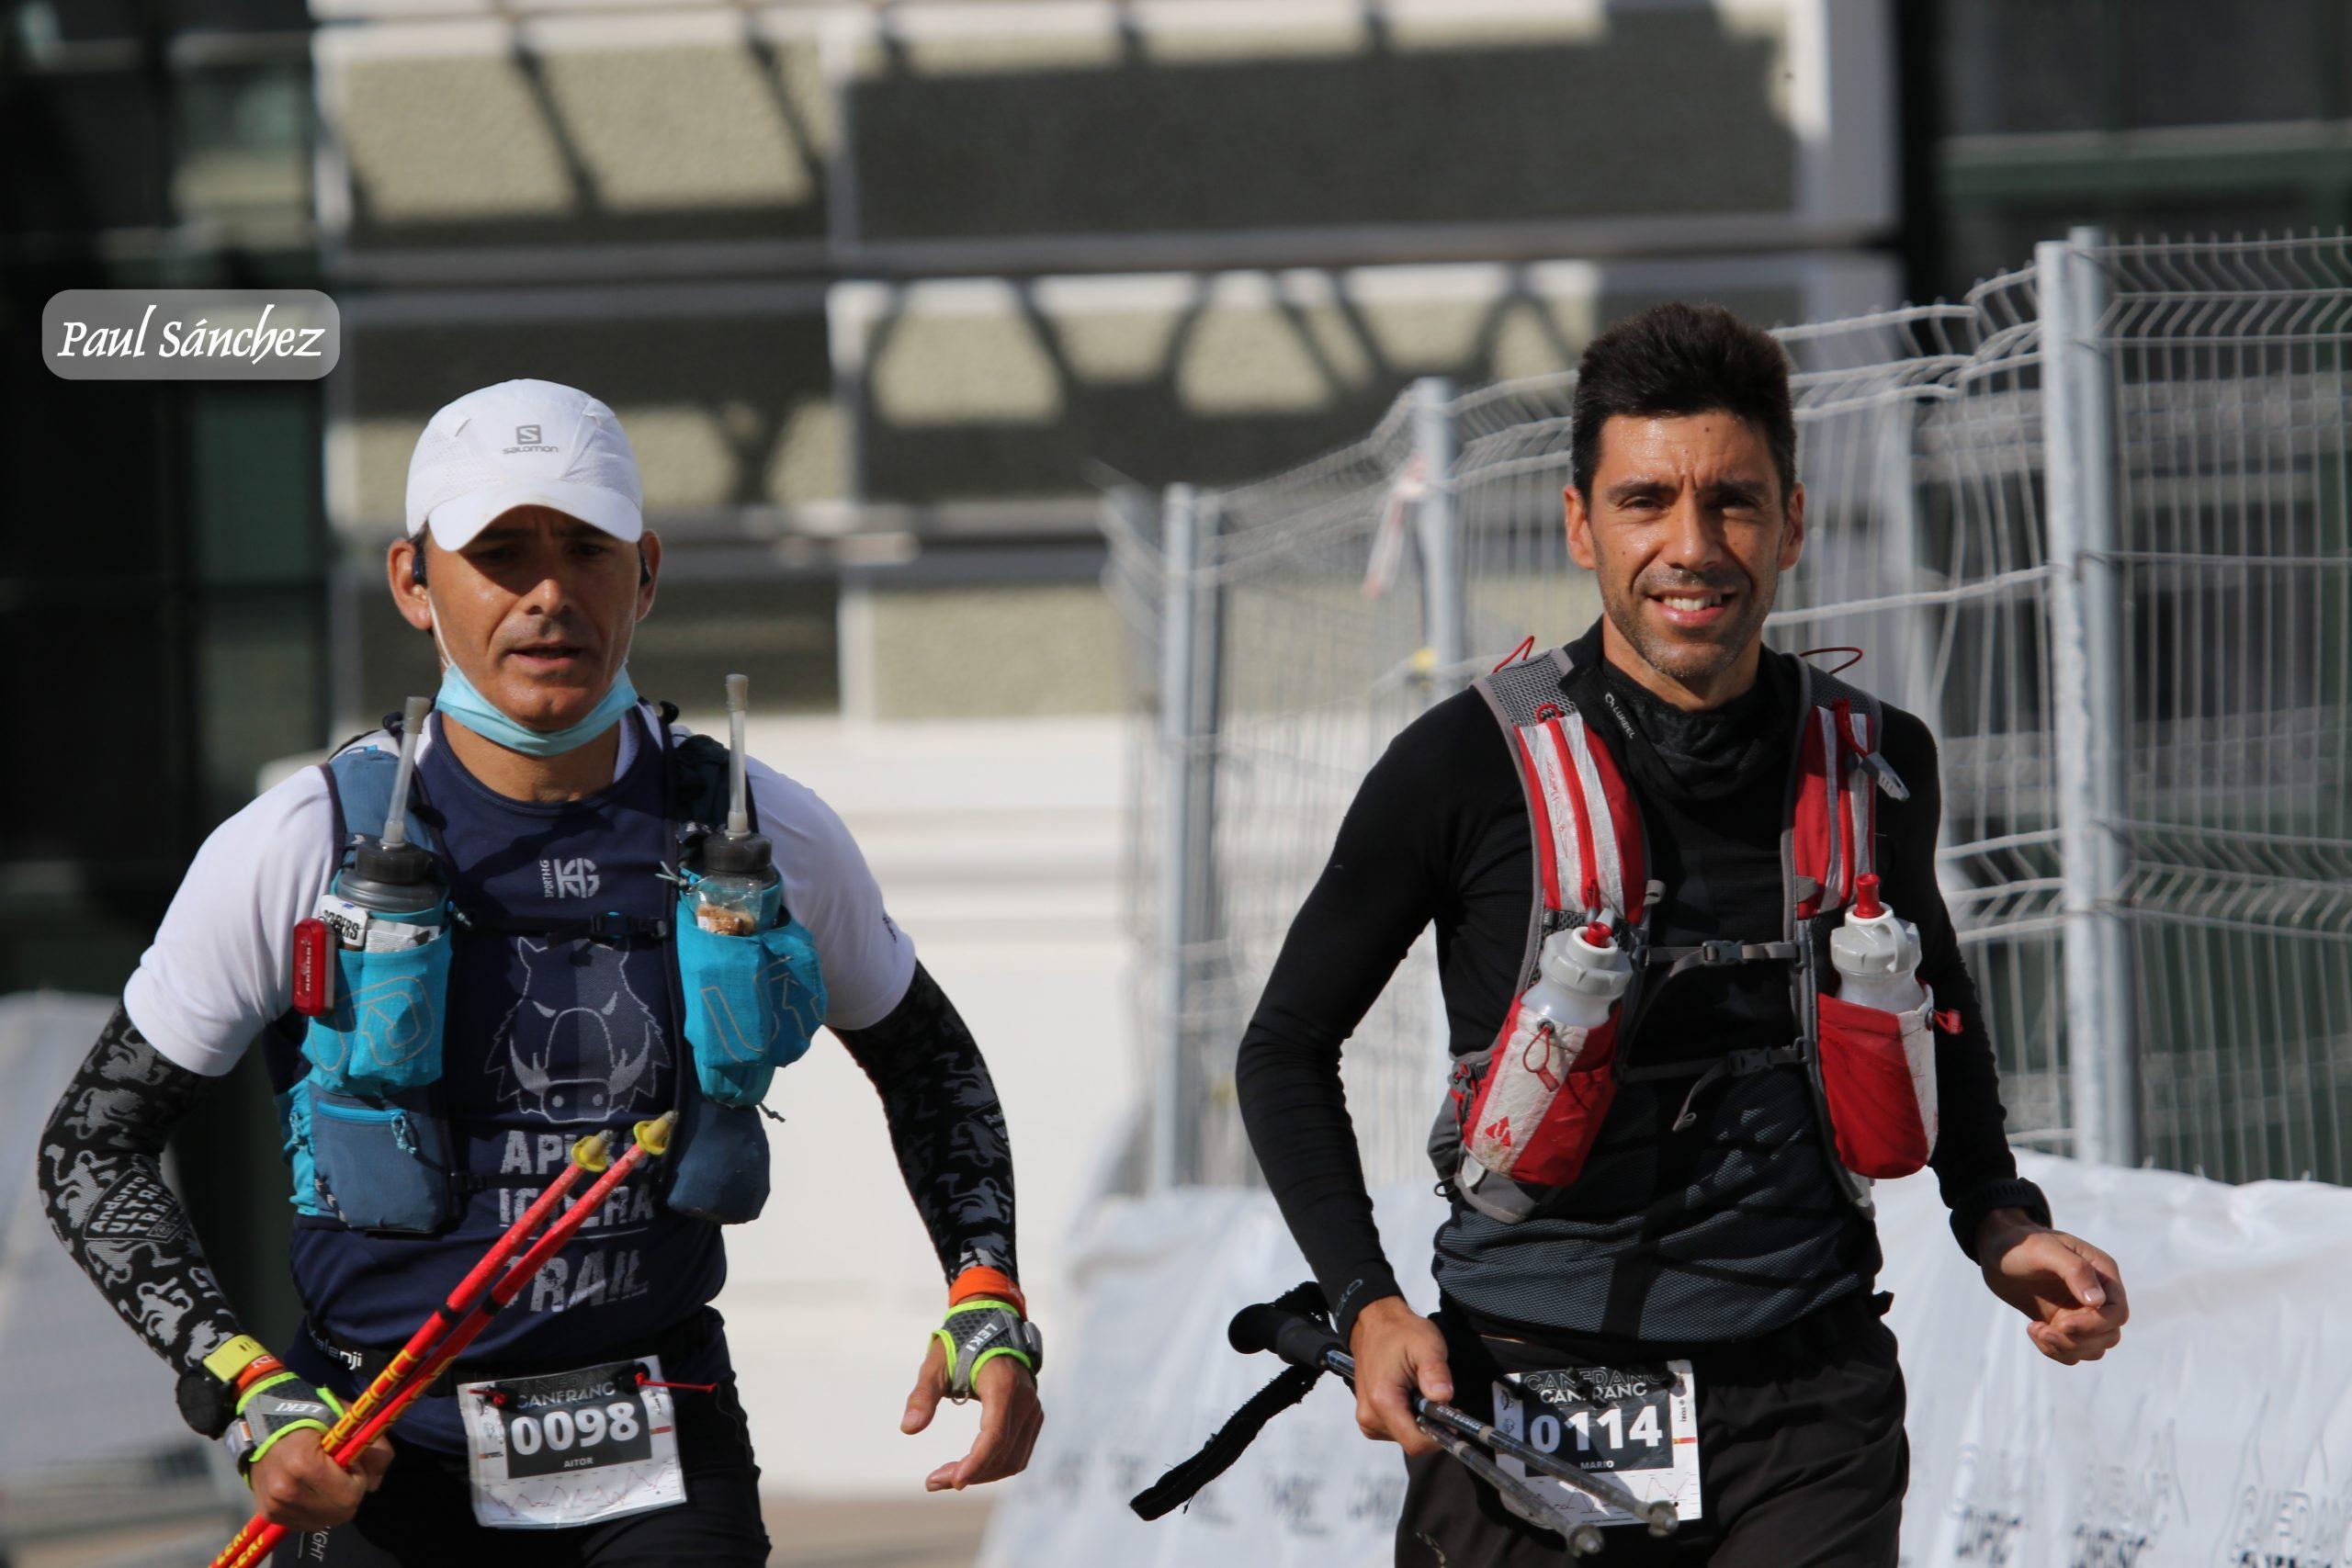 Llegada a la meta con Mario en la Canfranc Canfranc 2021  100 Km